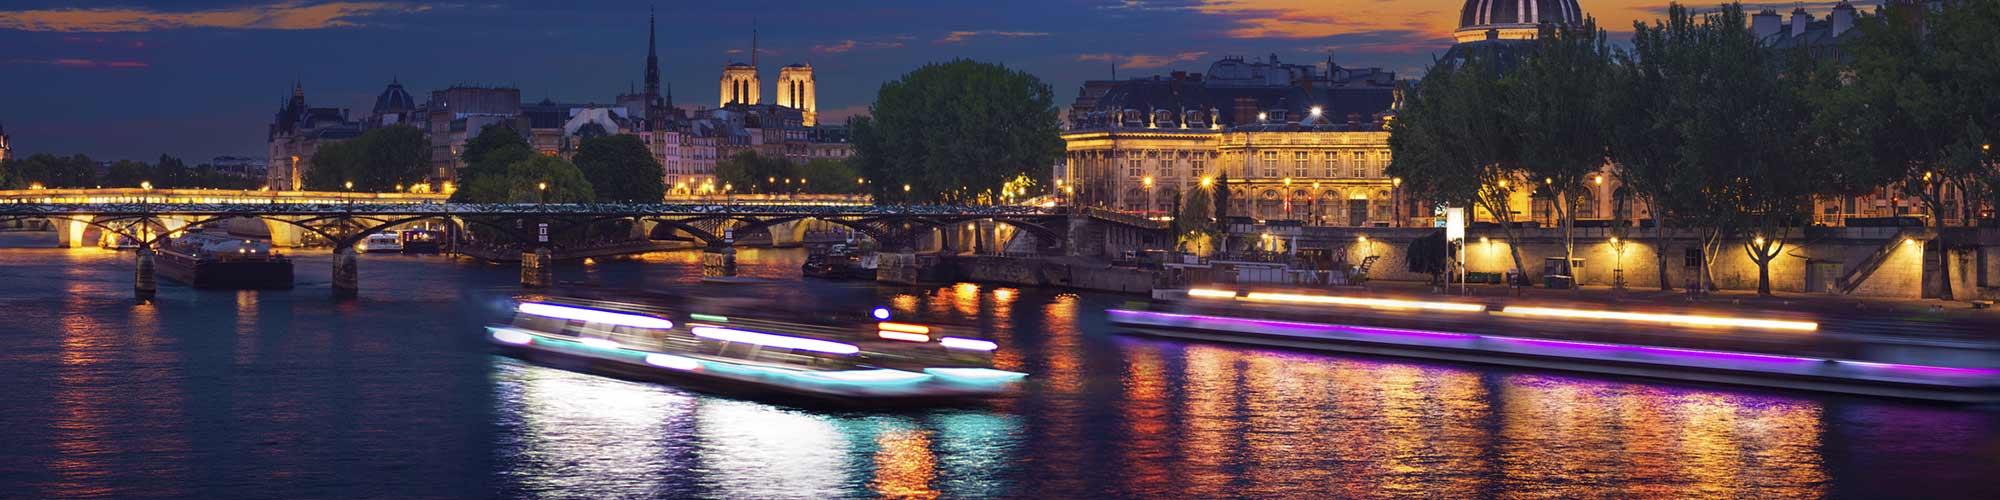 Dîner croisière : quelle est l'offre la plus luxueuse à Paris ?